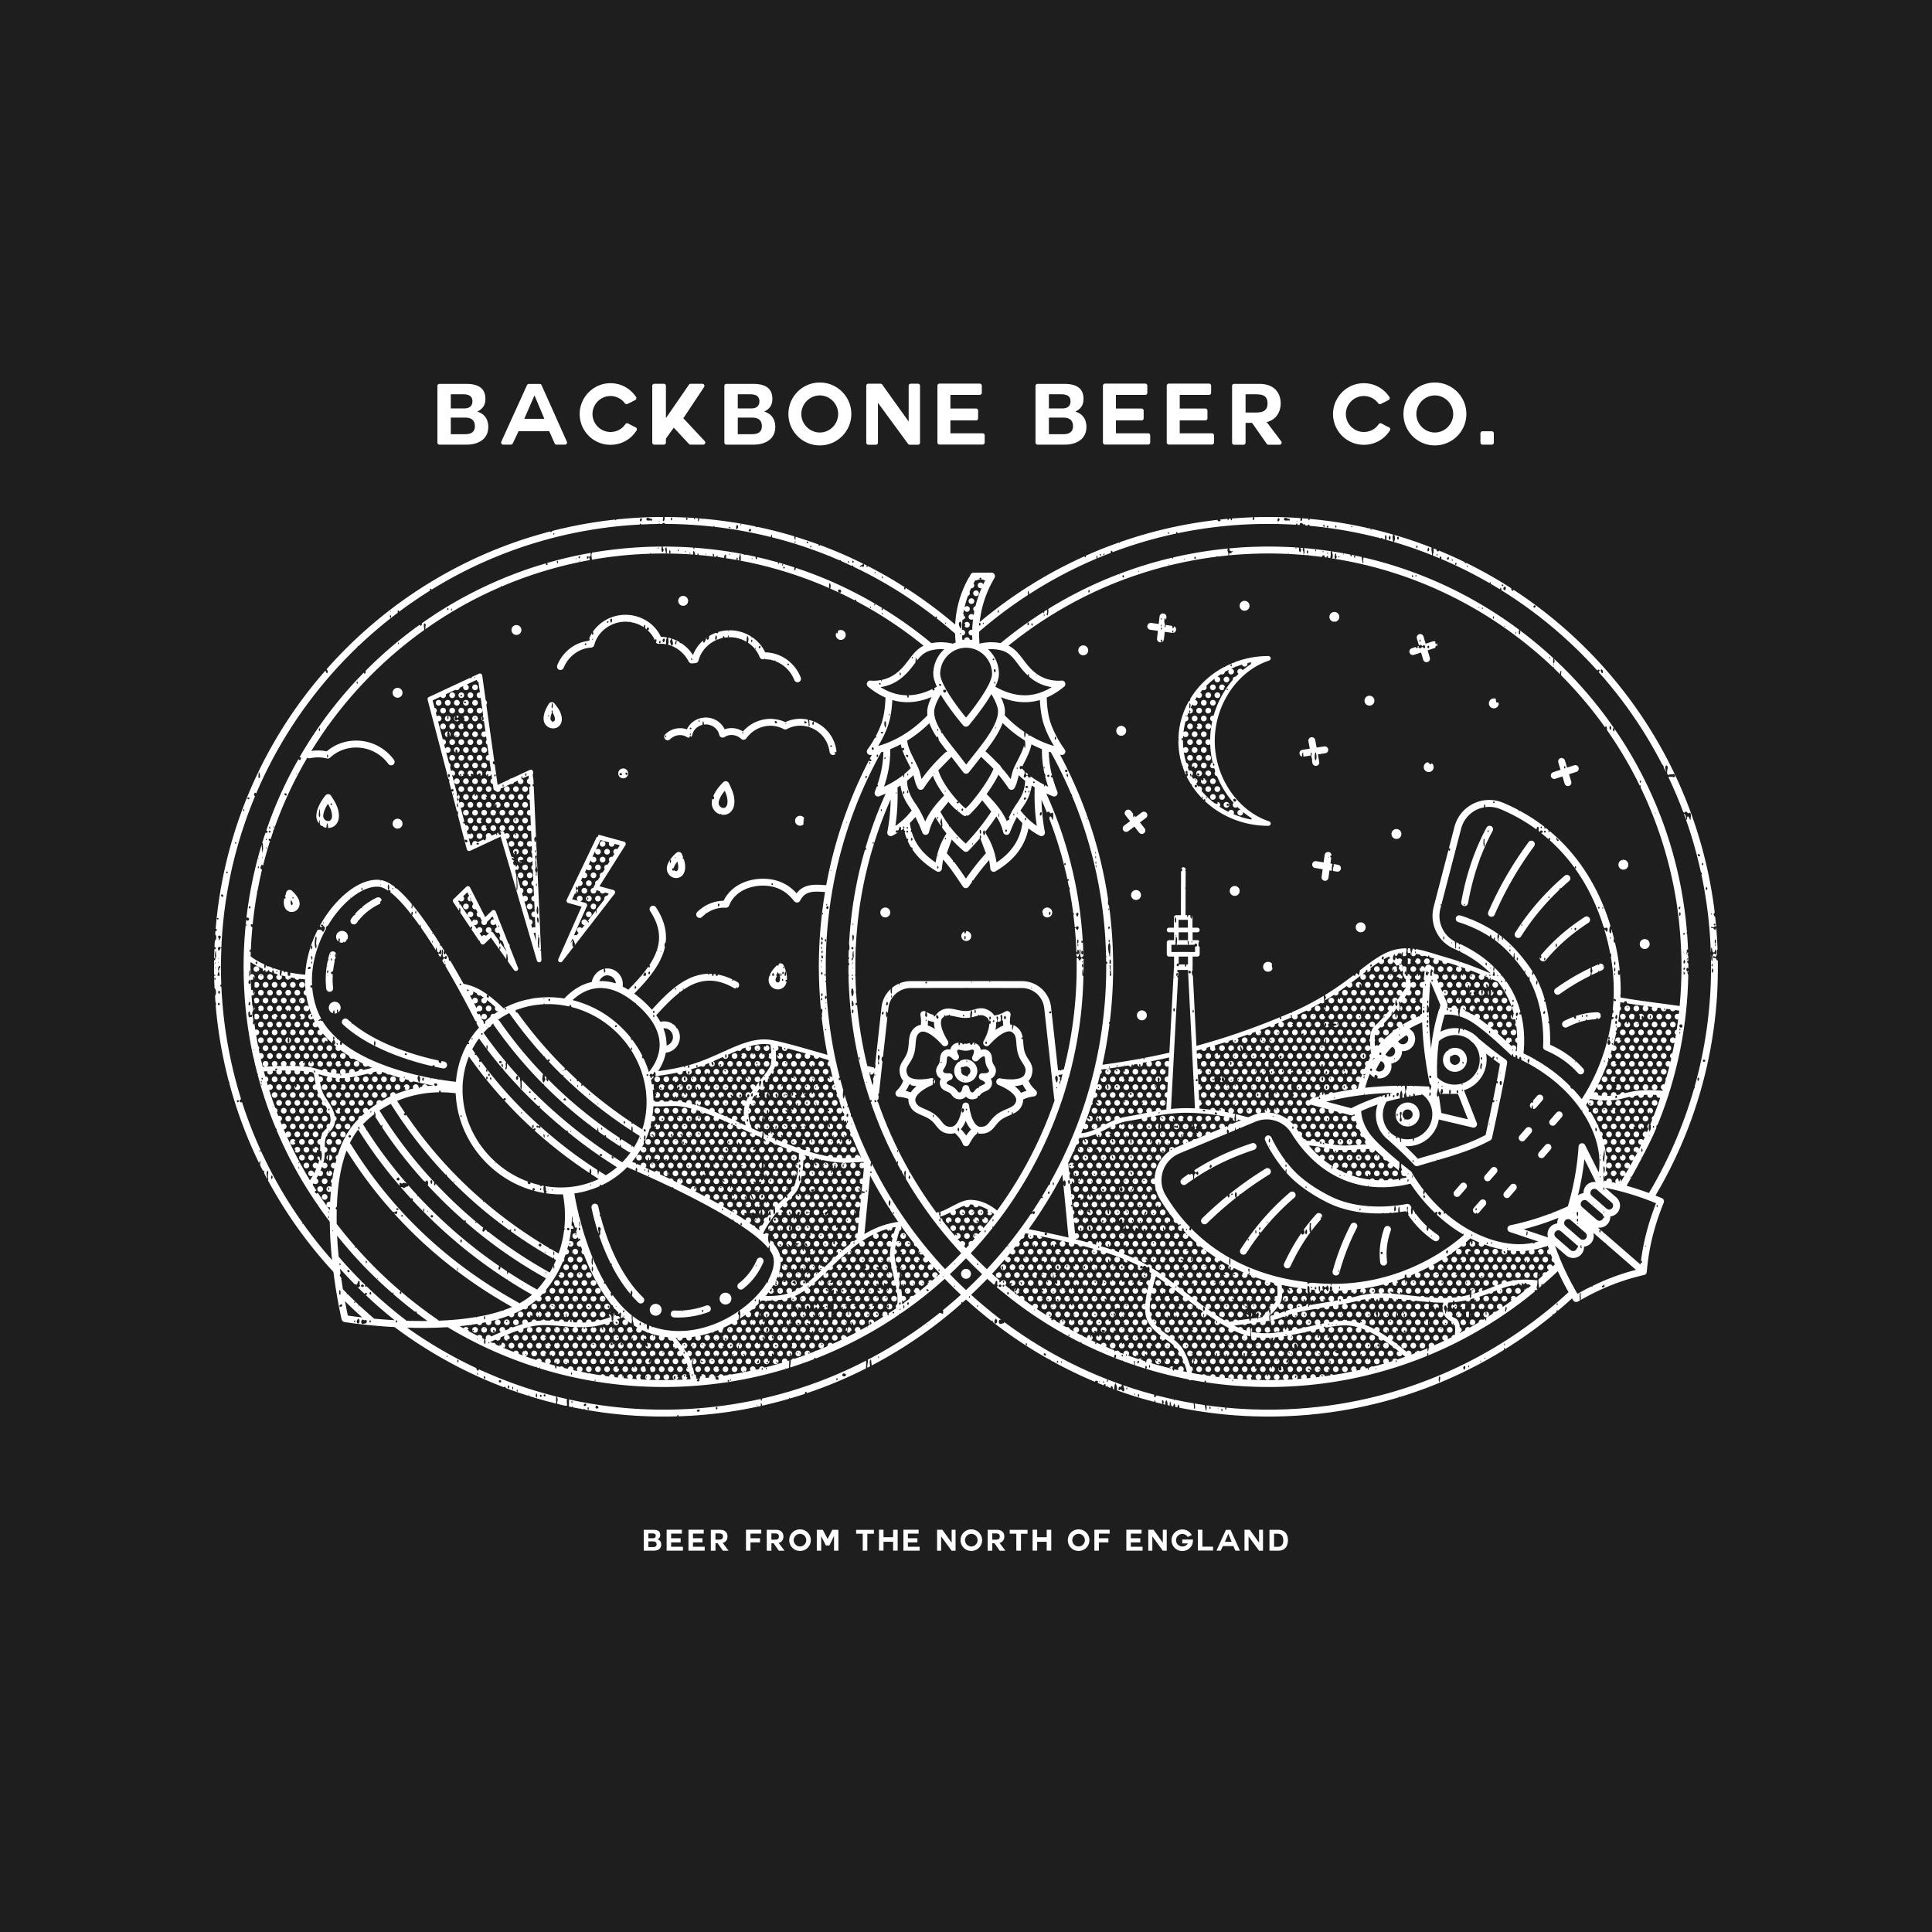 Backbone-Brewing.jpg